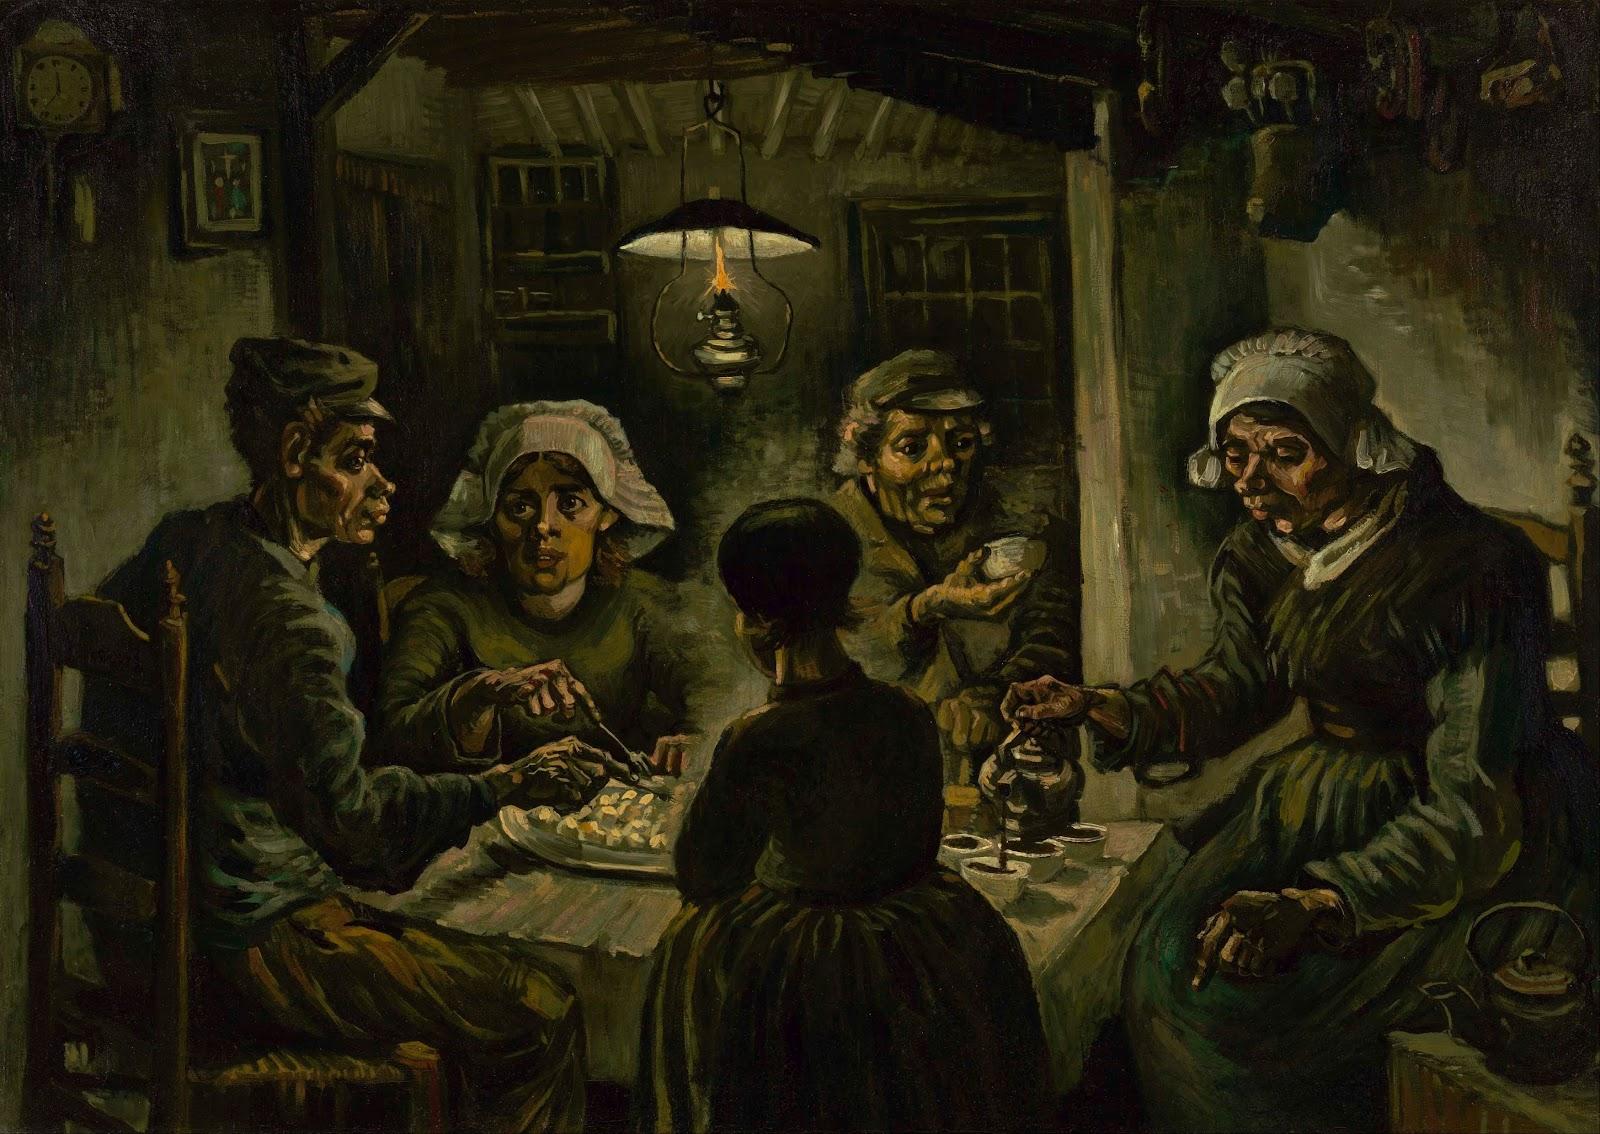 ヴァン・ゴッホの馬鈴薯を食べる人々